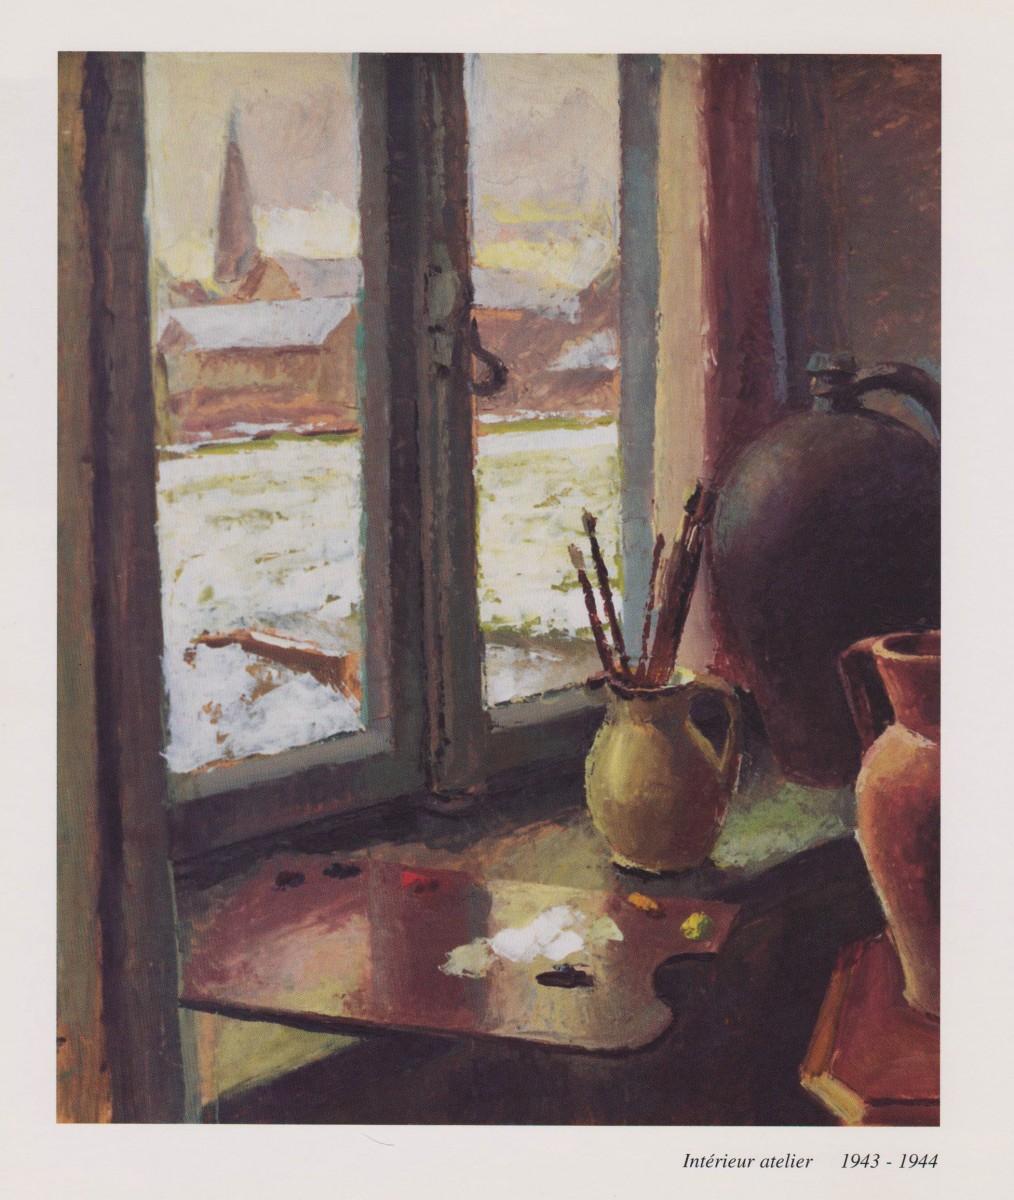 macabrey_interieur_atelier_1943_1944